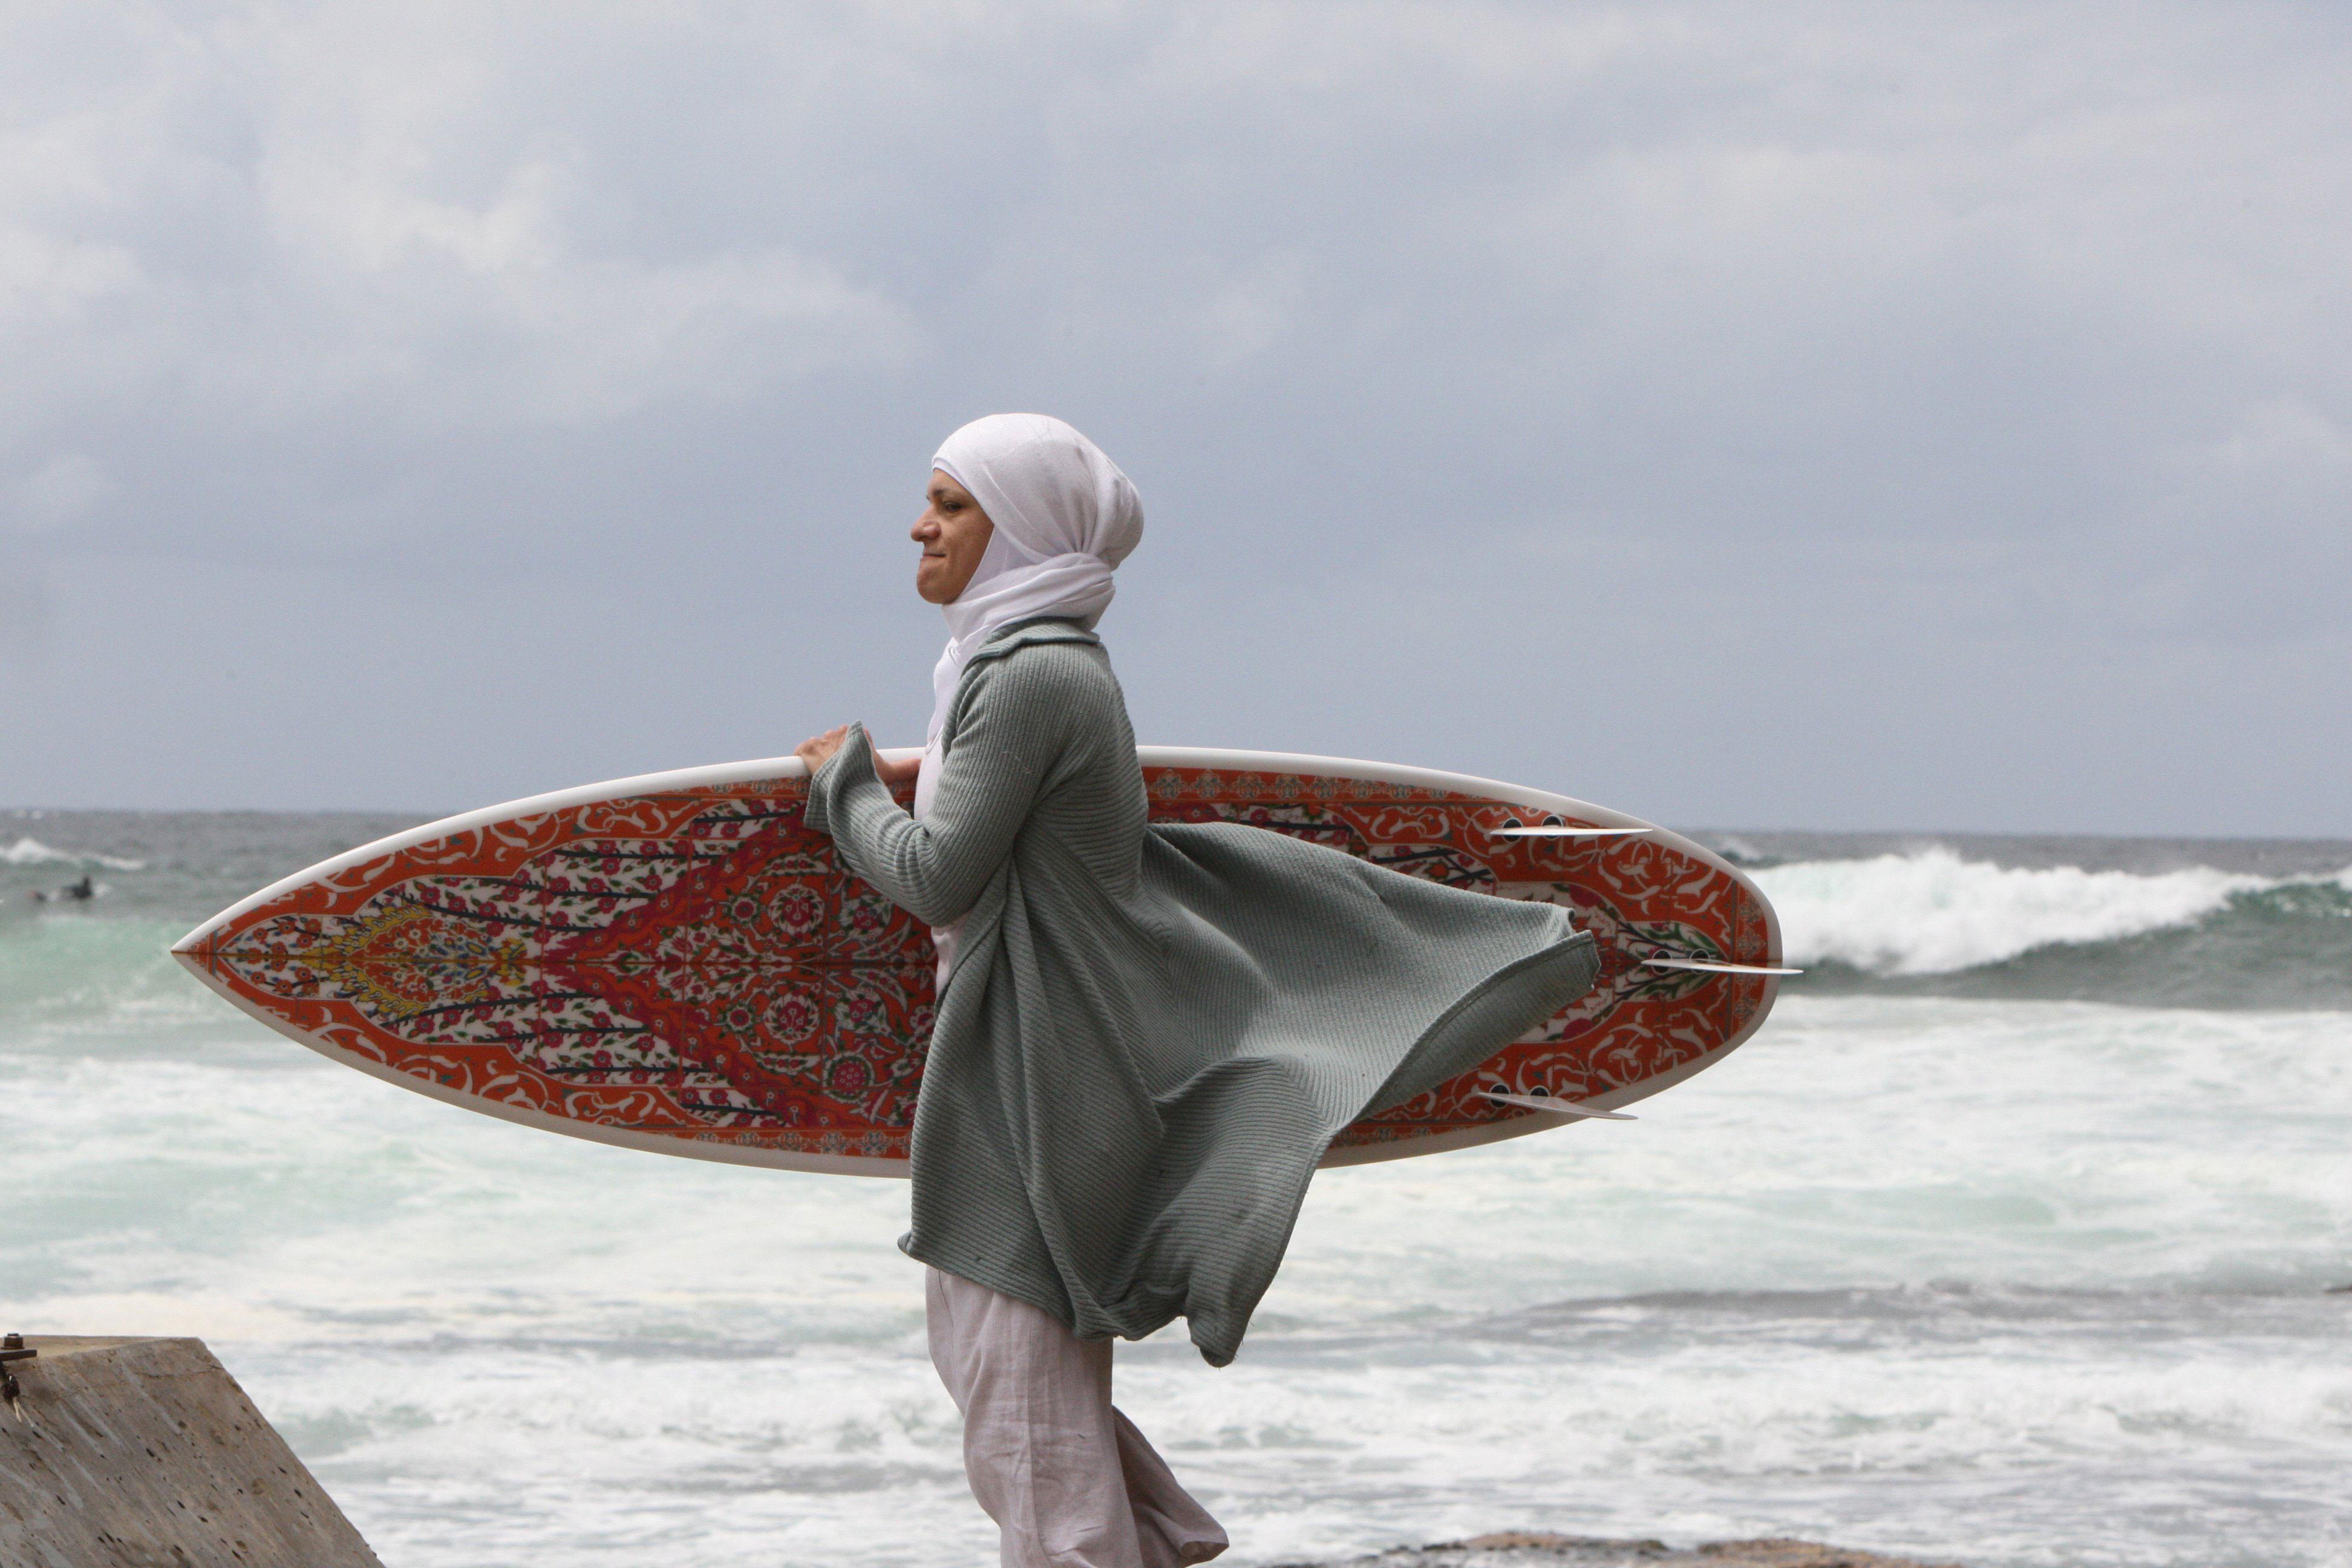 4. Burqini harus dirancang sedemikian rupa agar perempuan dapat berenang dengan bebas. Pakaian renang muslim ini juga gak boleh terlalu ketat dan menempel ke badan setelah berenang. Burqini yang bagus dibuat dari material yang sama dengan pakaian selancar.